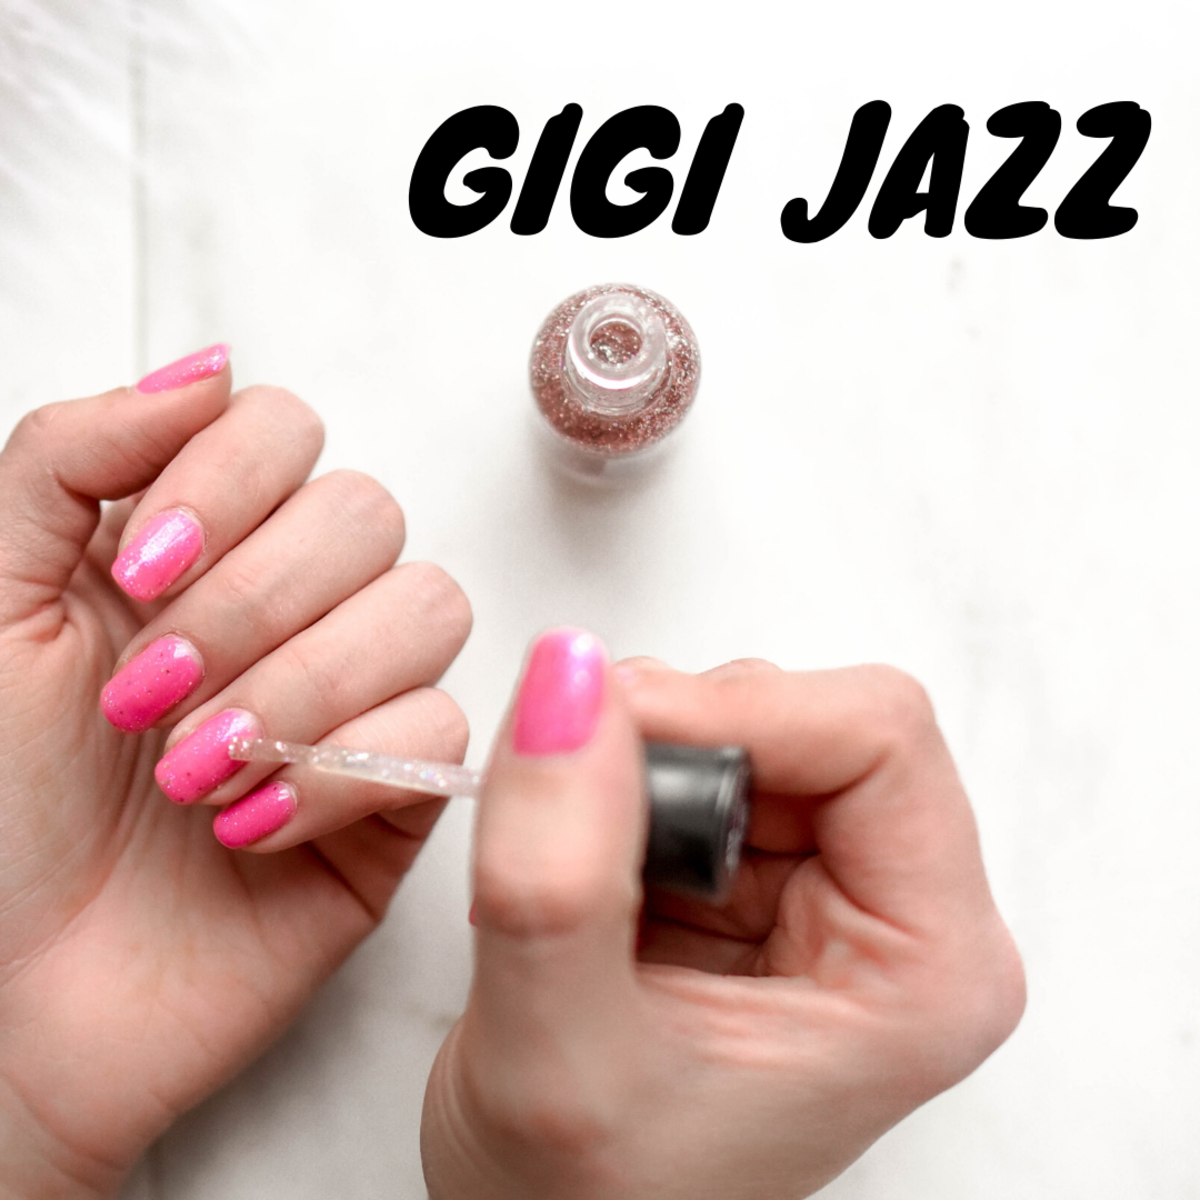 Gigi Jazz